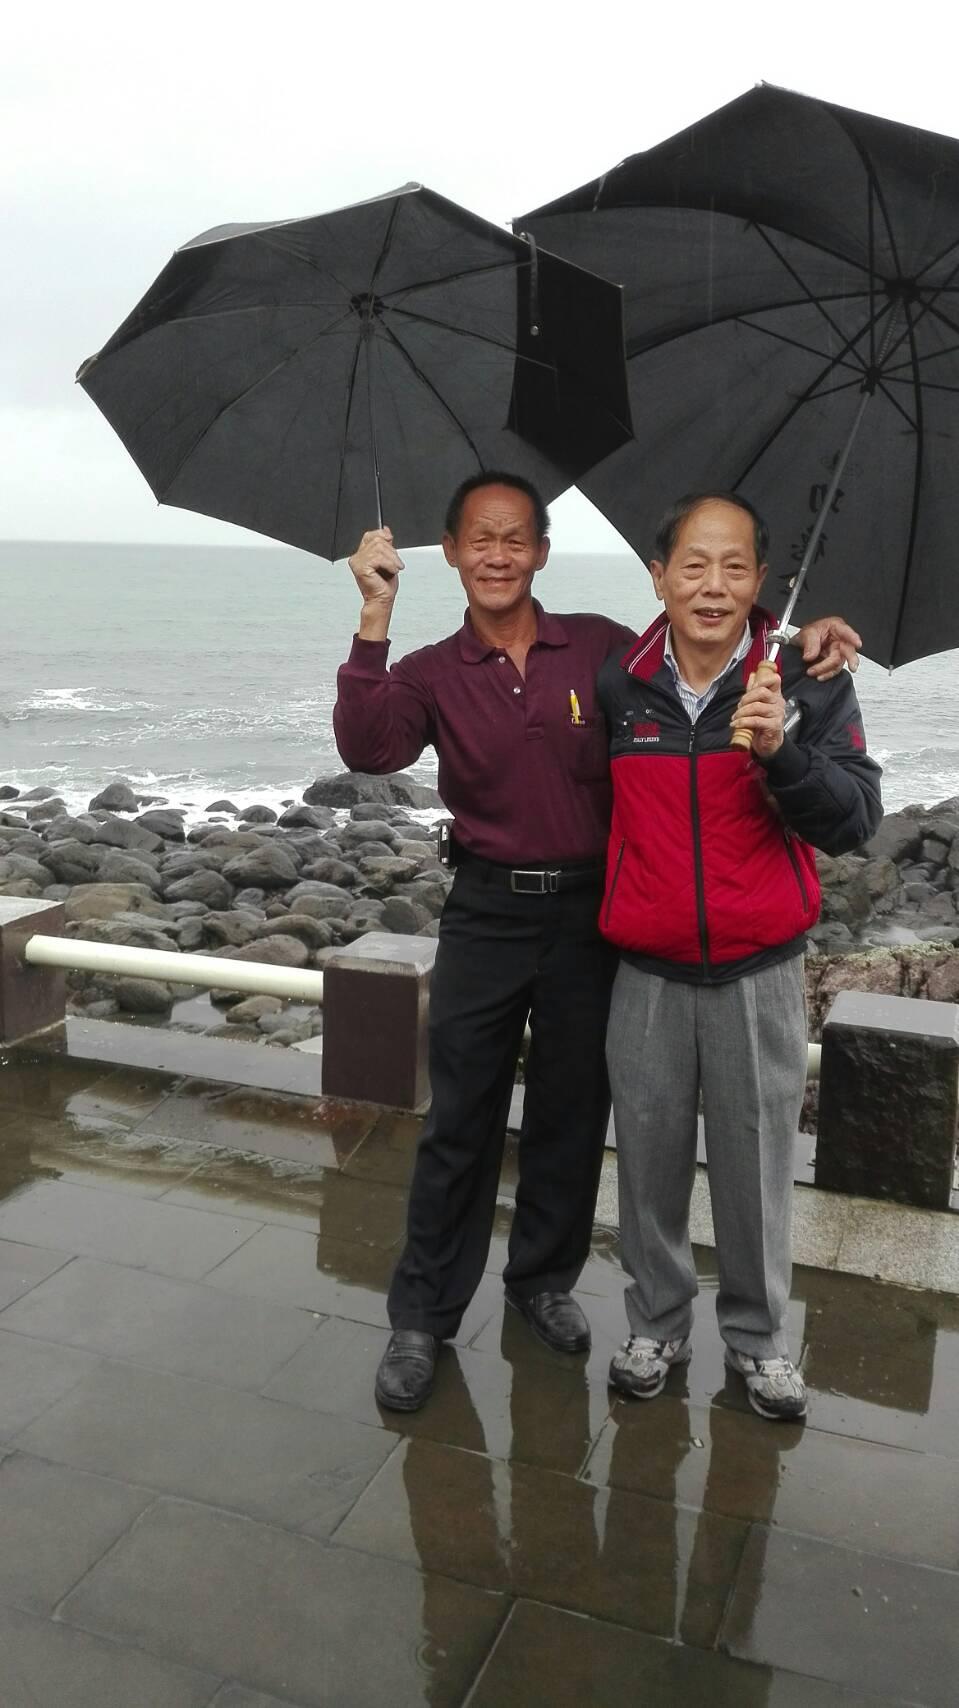 台中市象棋協會 會員 杜木泉 (左)台中市象棋協會 總幹事彭木桂 (右)